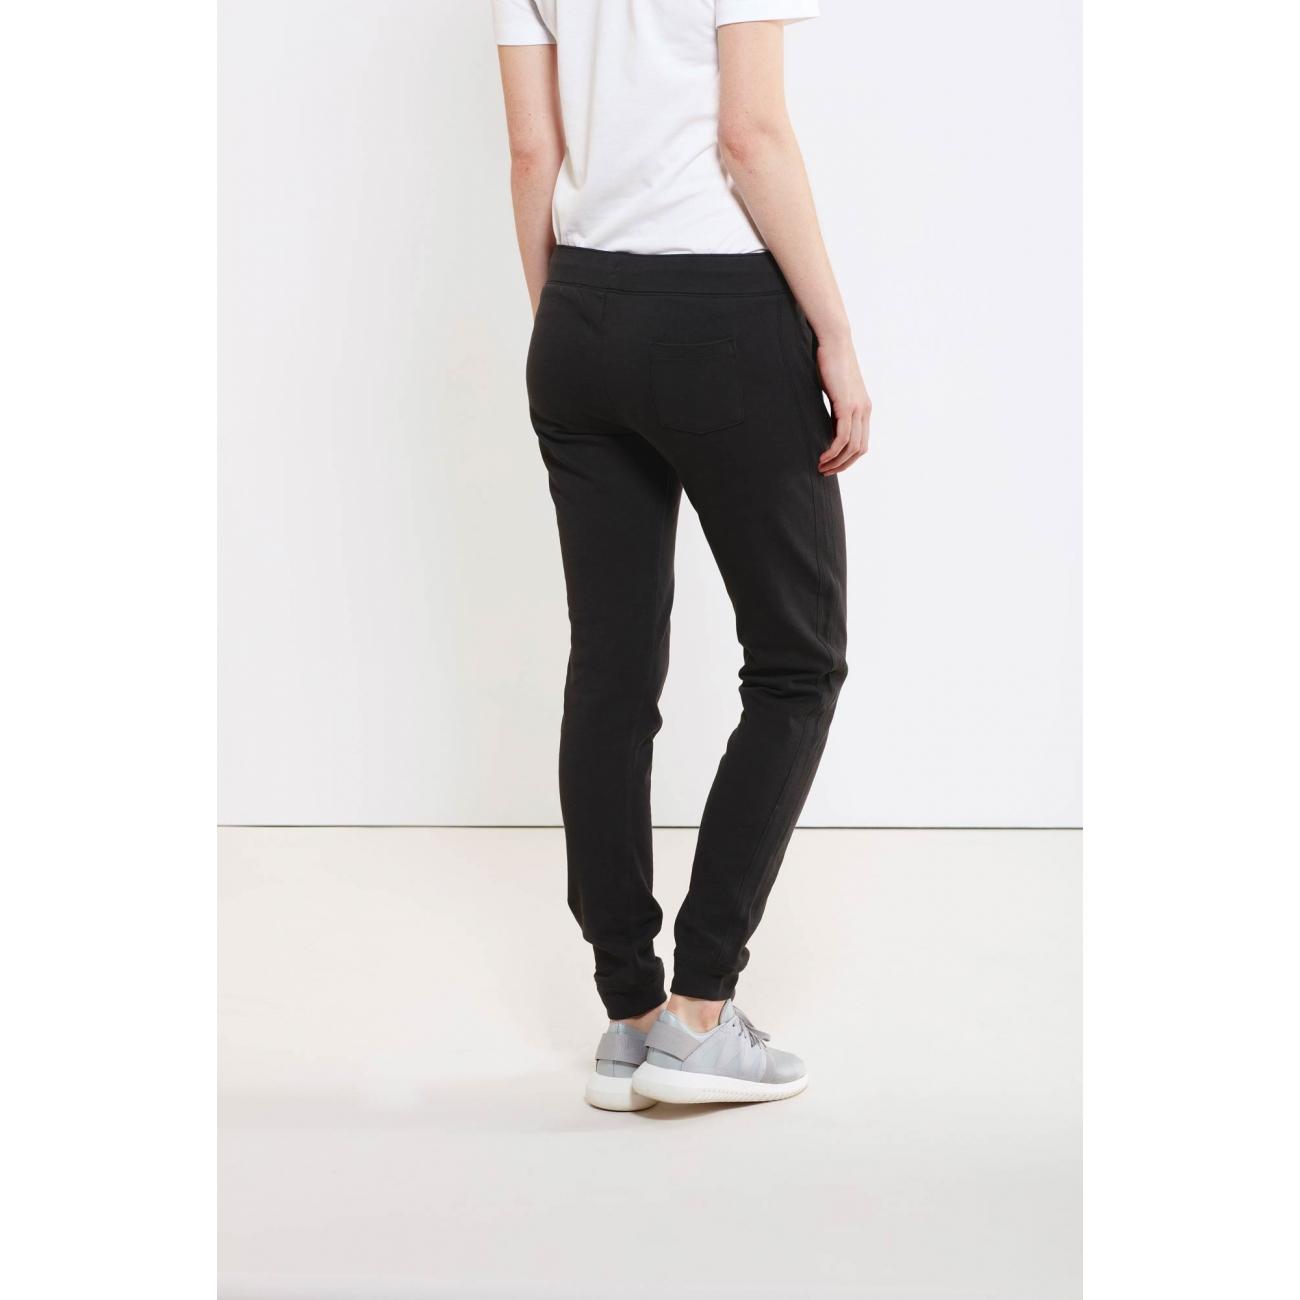 Pantalon de Jogging en coton Bio,noir pour Femme - STEEZSTUDIO mode ... 8cb5071736ae